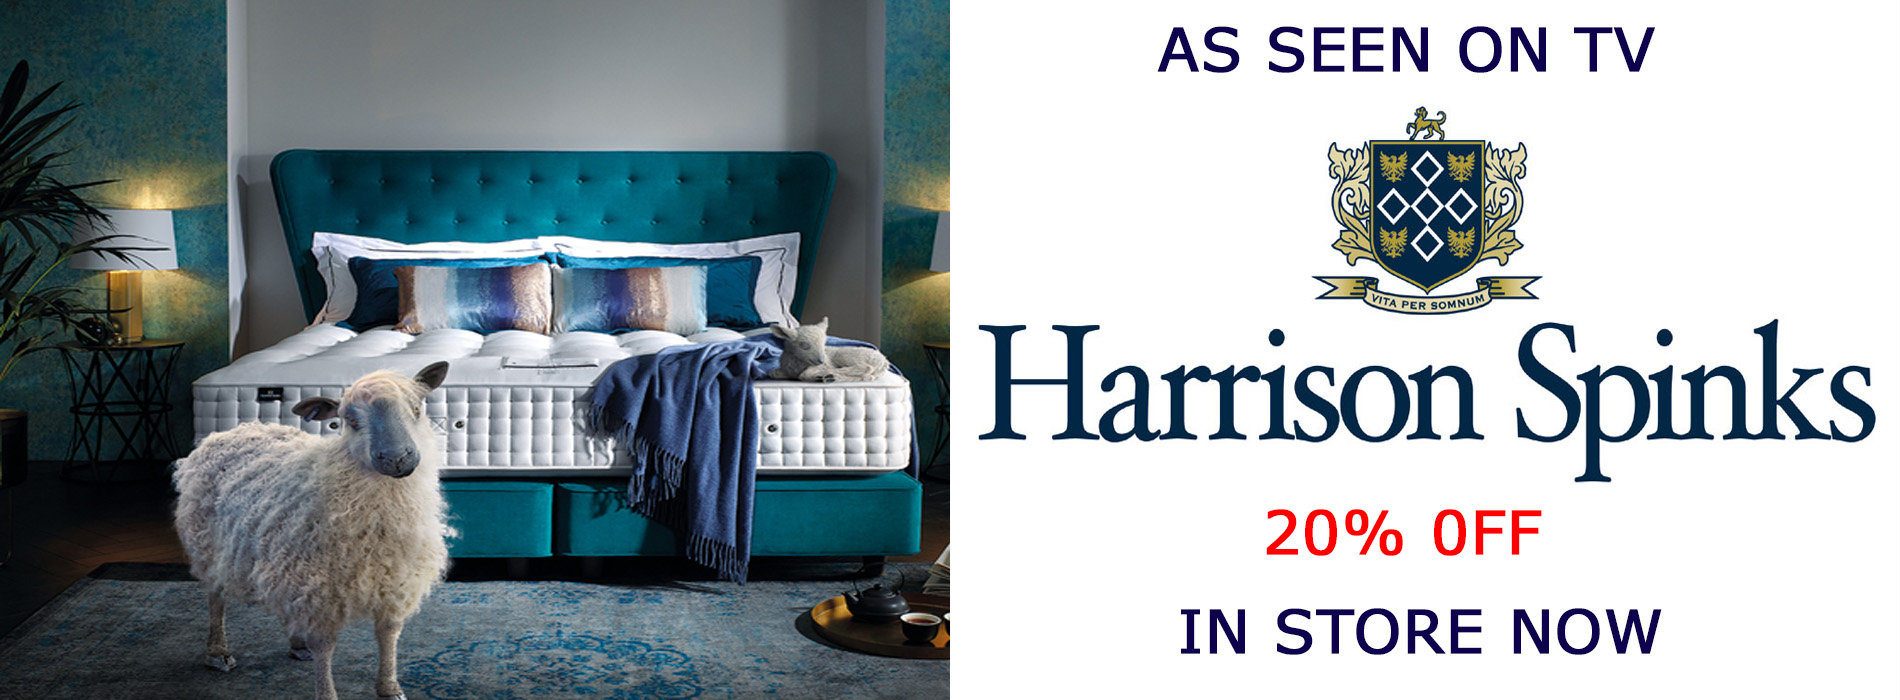 Harrison Spinks Beds